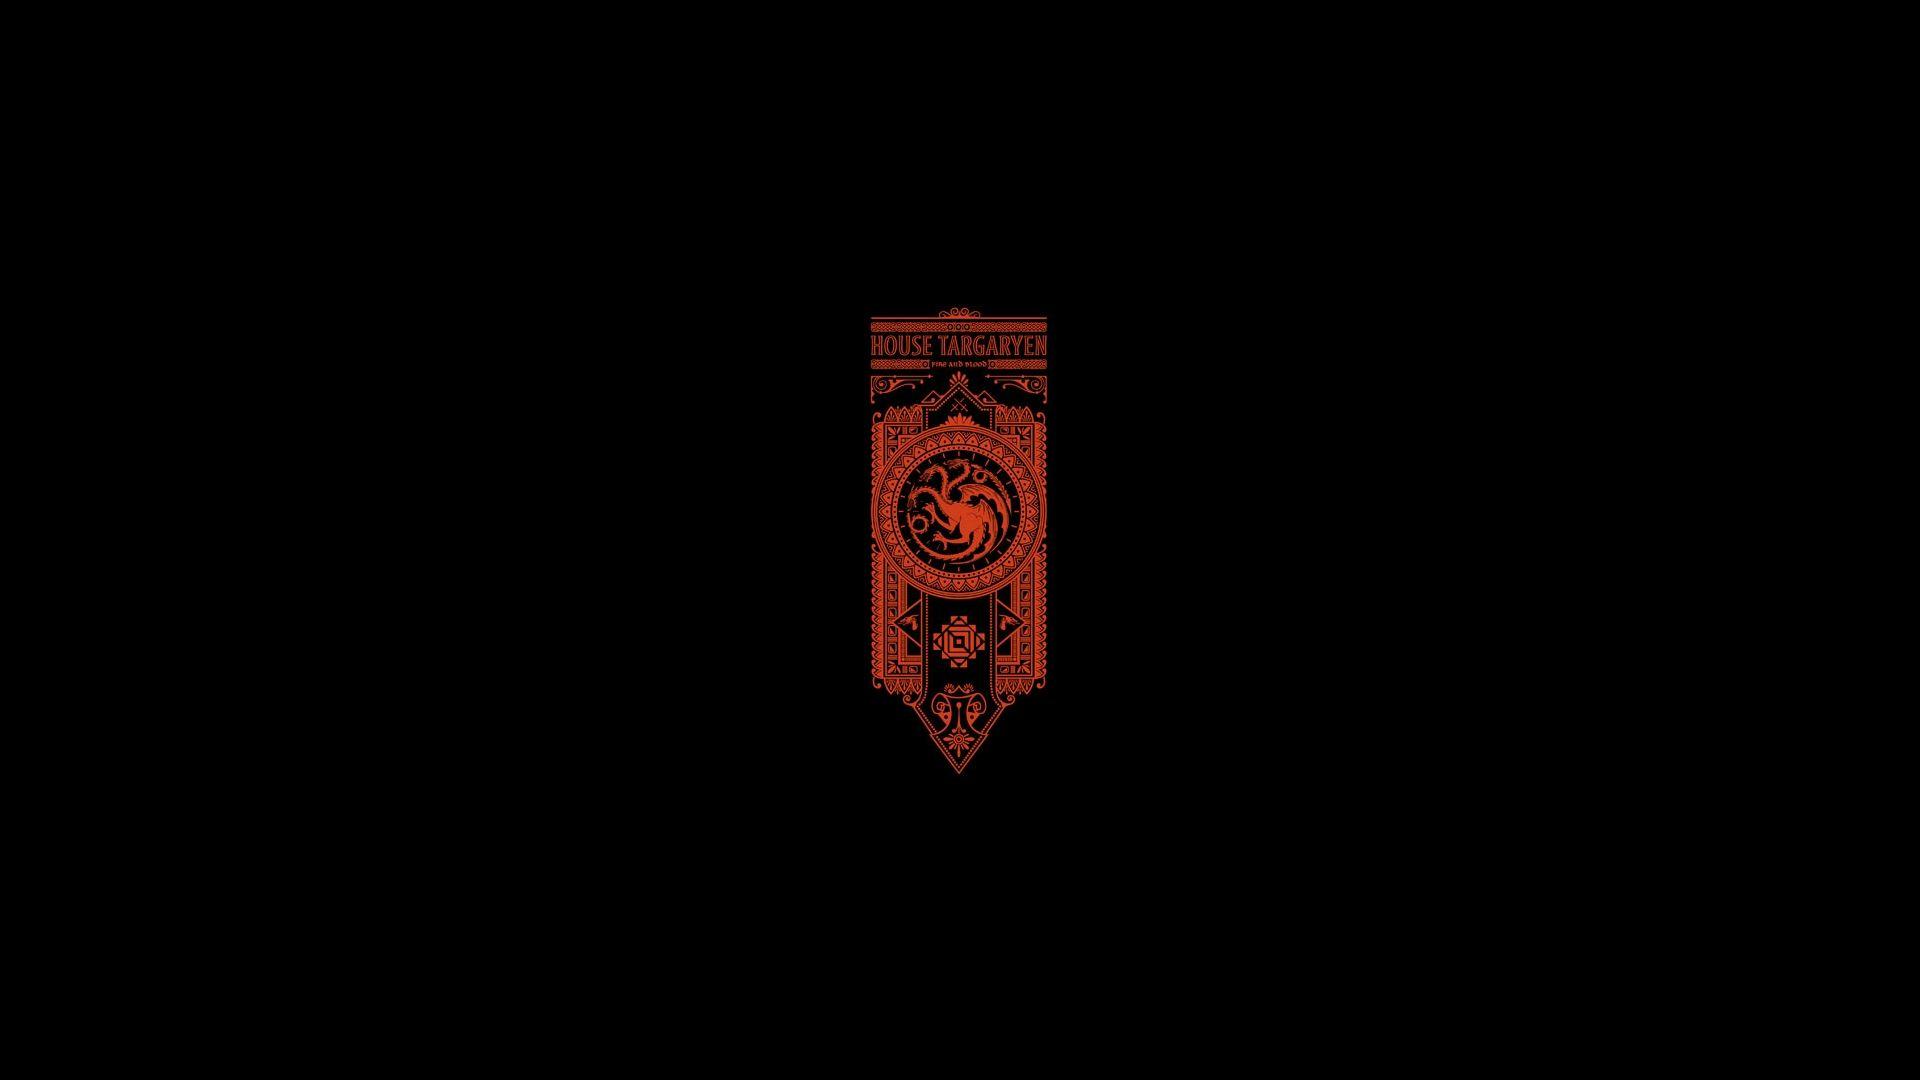 Game of Thrones Red Banner House Targaryen